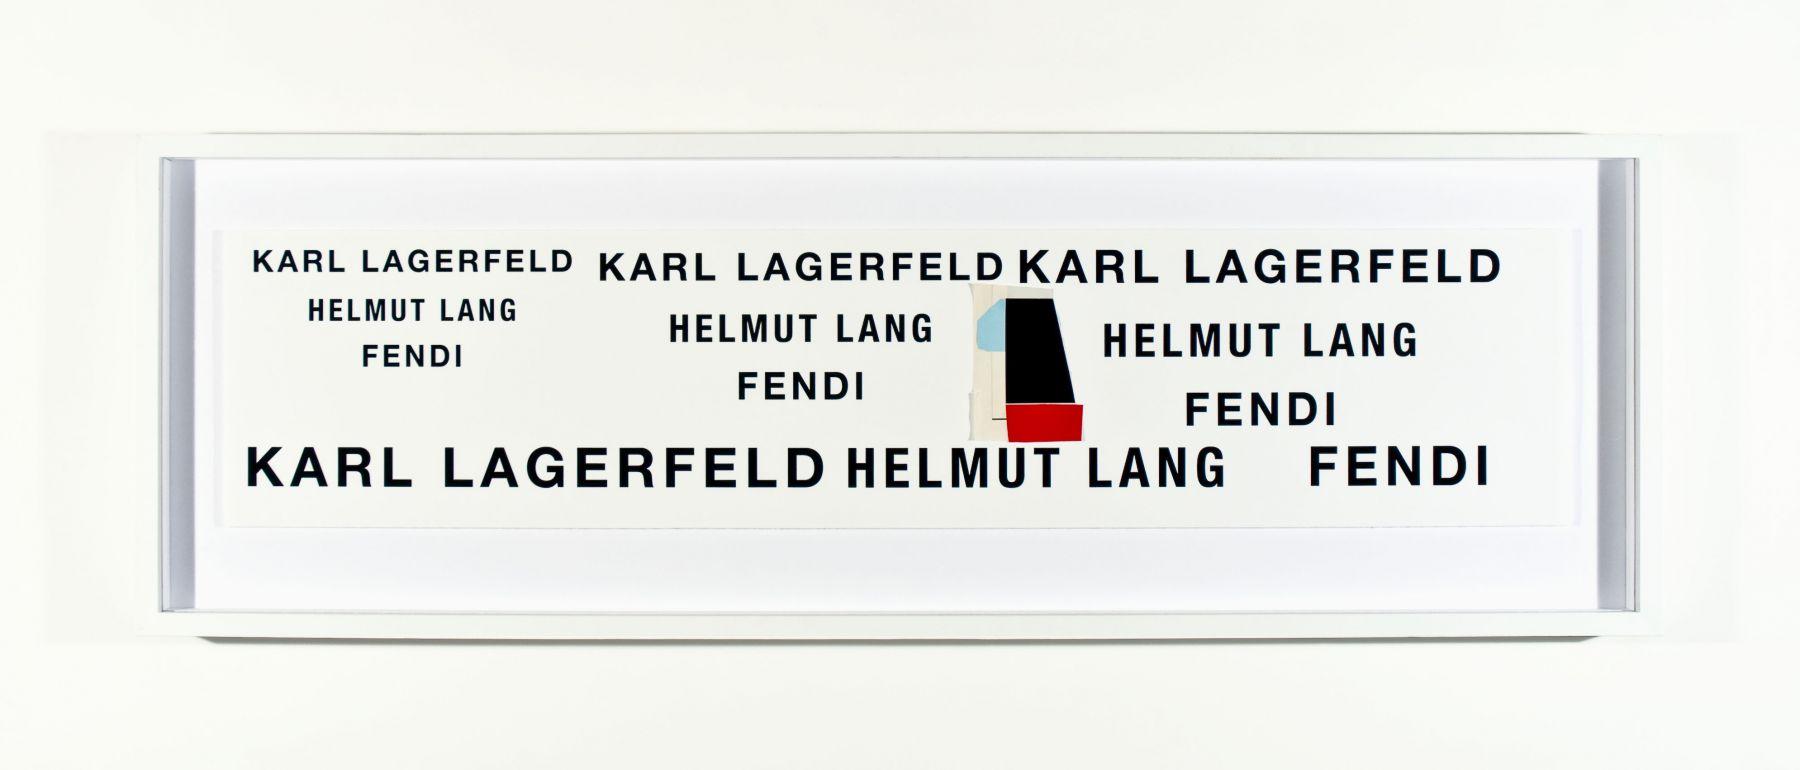 SKYLAR FEIN Karl Lagerfeld Helmut Lang Fendi, 2011